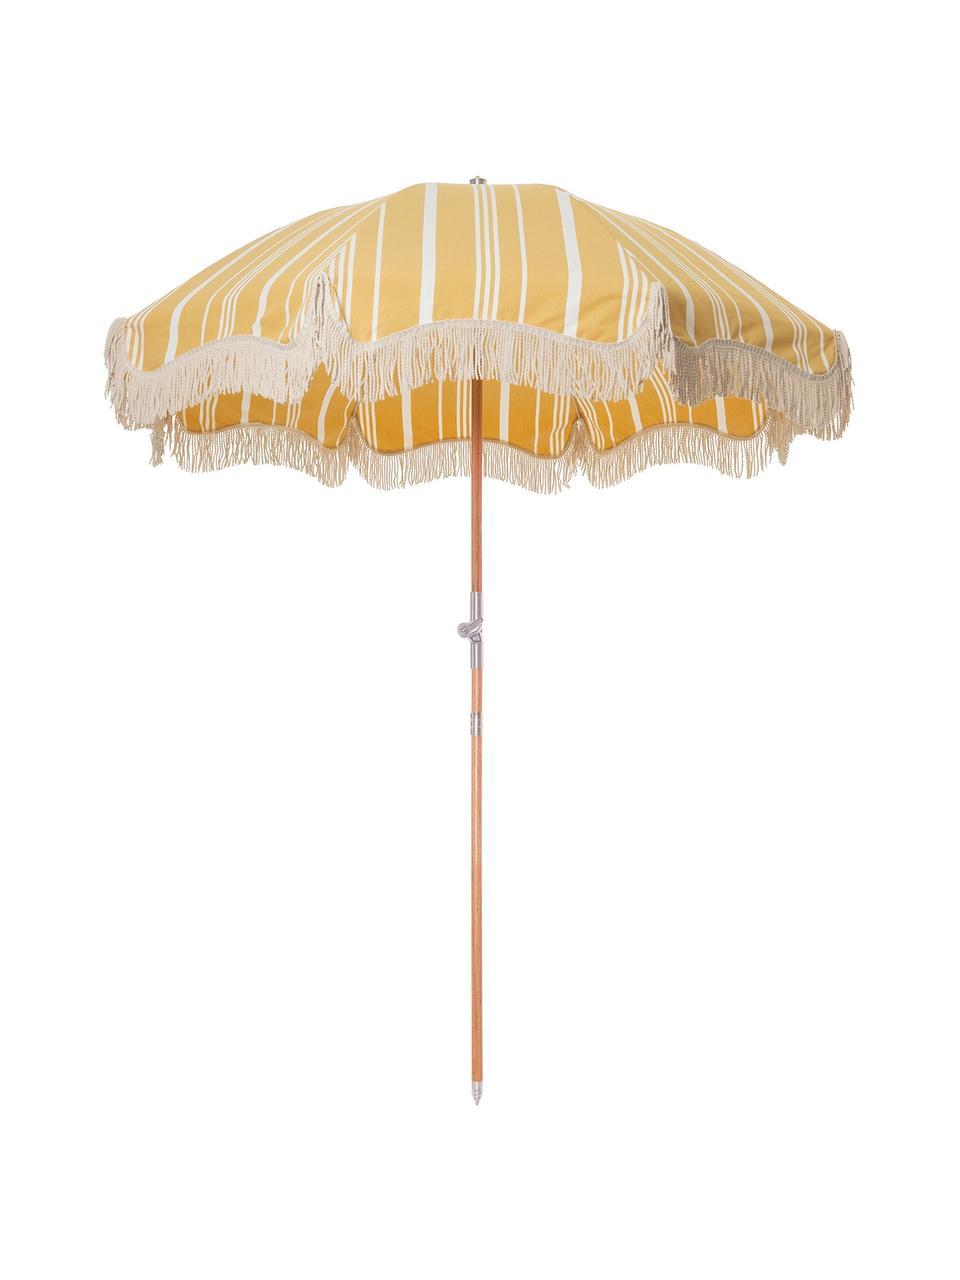 Gestreifter Sonnenschirm Retro mit Fransen in Gelb-Weiß, abknickbar, Gestell: Holz, laminiert, Fransen: Baumwolle, Gelb, Gebrochenes Weiß, Ø 180 x H 230 cm